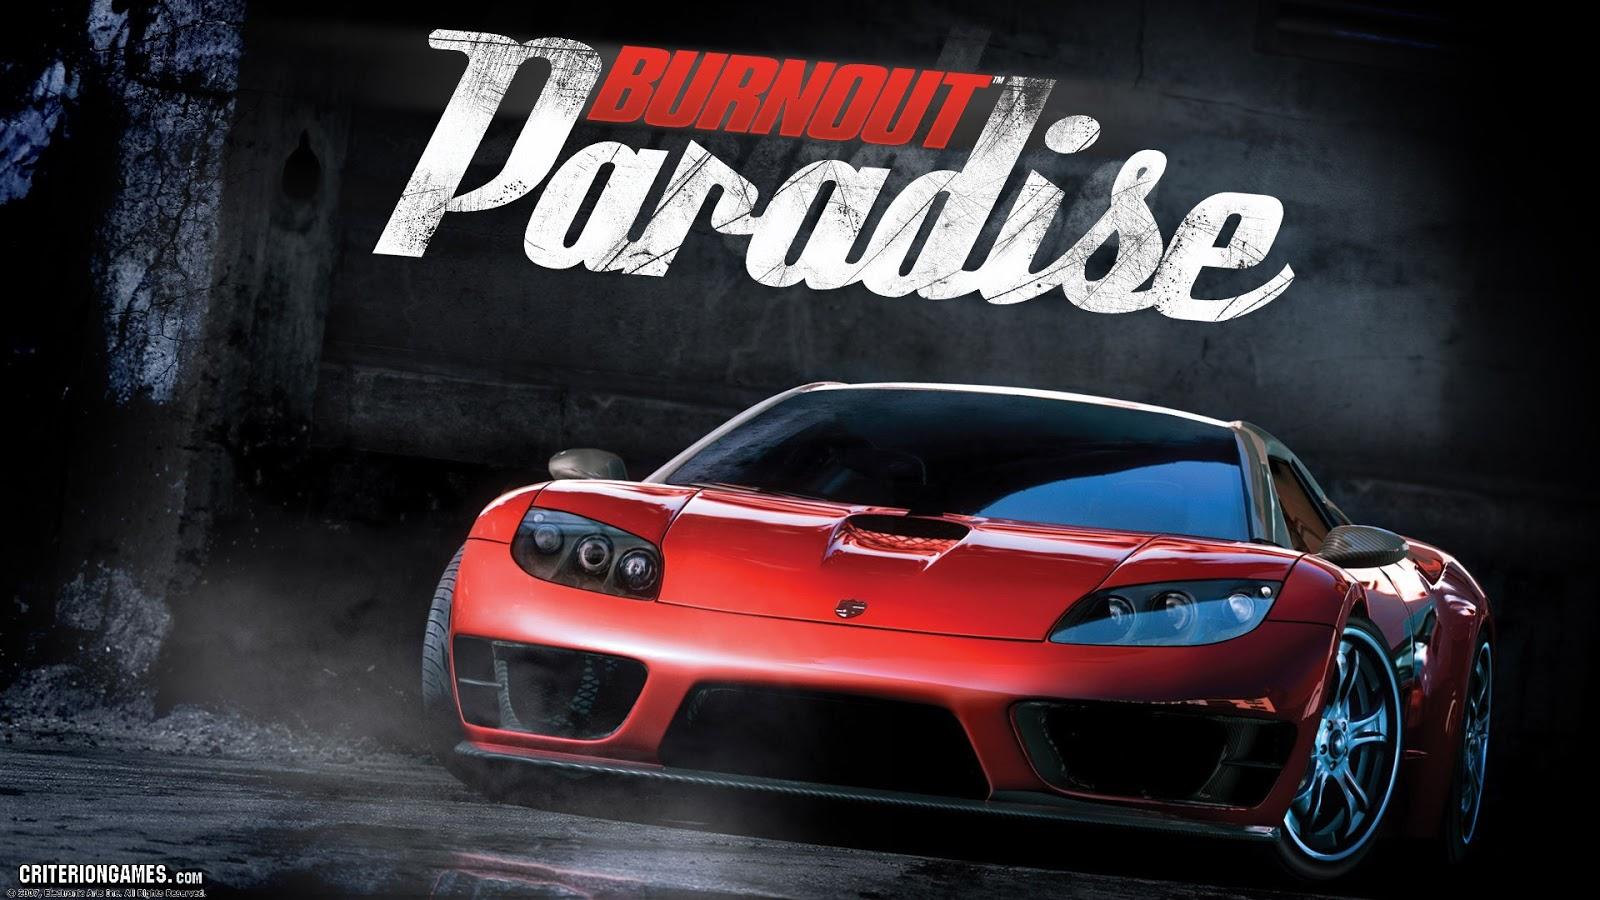 http://4.bp.blogspot.com/-4KdCQNf8uvQ/UKJbFdbjXDI/AAAAAAAAGhM/cQH2drE9L7s/s1600/burnout-paradise-red-sport-car-1080.jpg